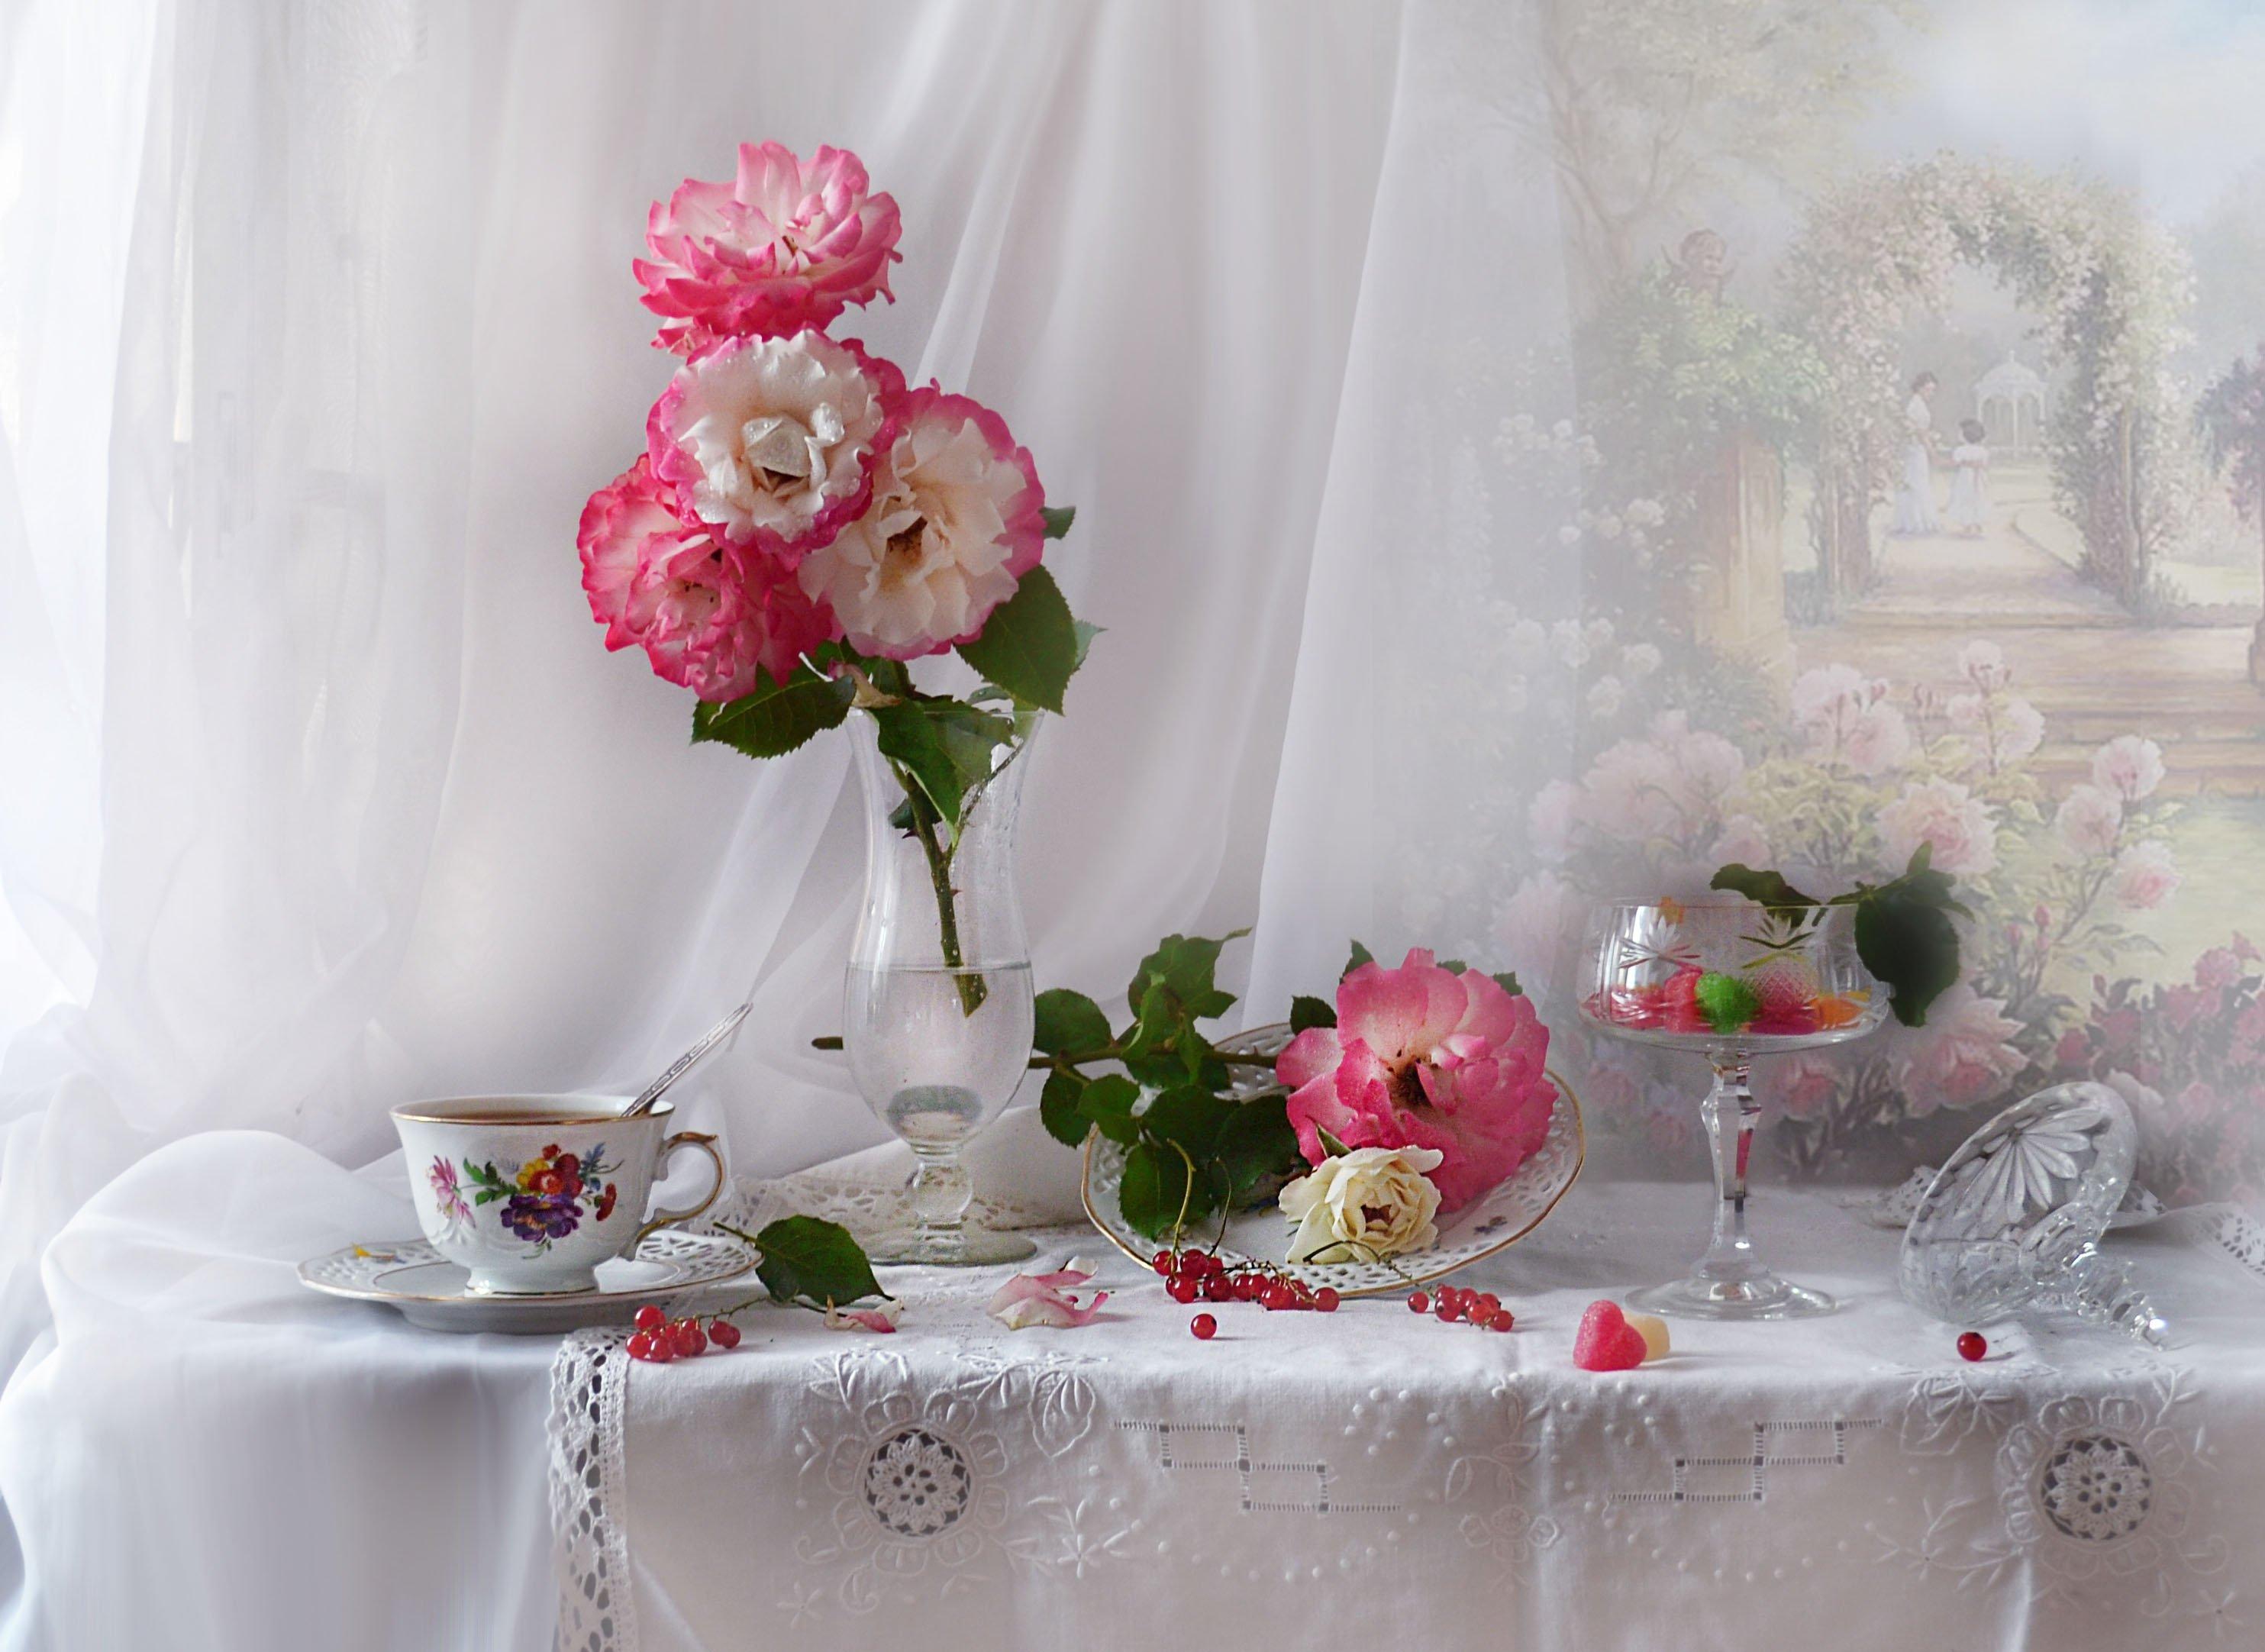 still life,натюрморт, фото натюрморт, розы, цветы, фарфор, стекло, настроение, лето, июль, Колова Валентина